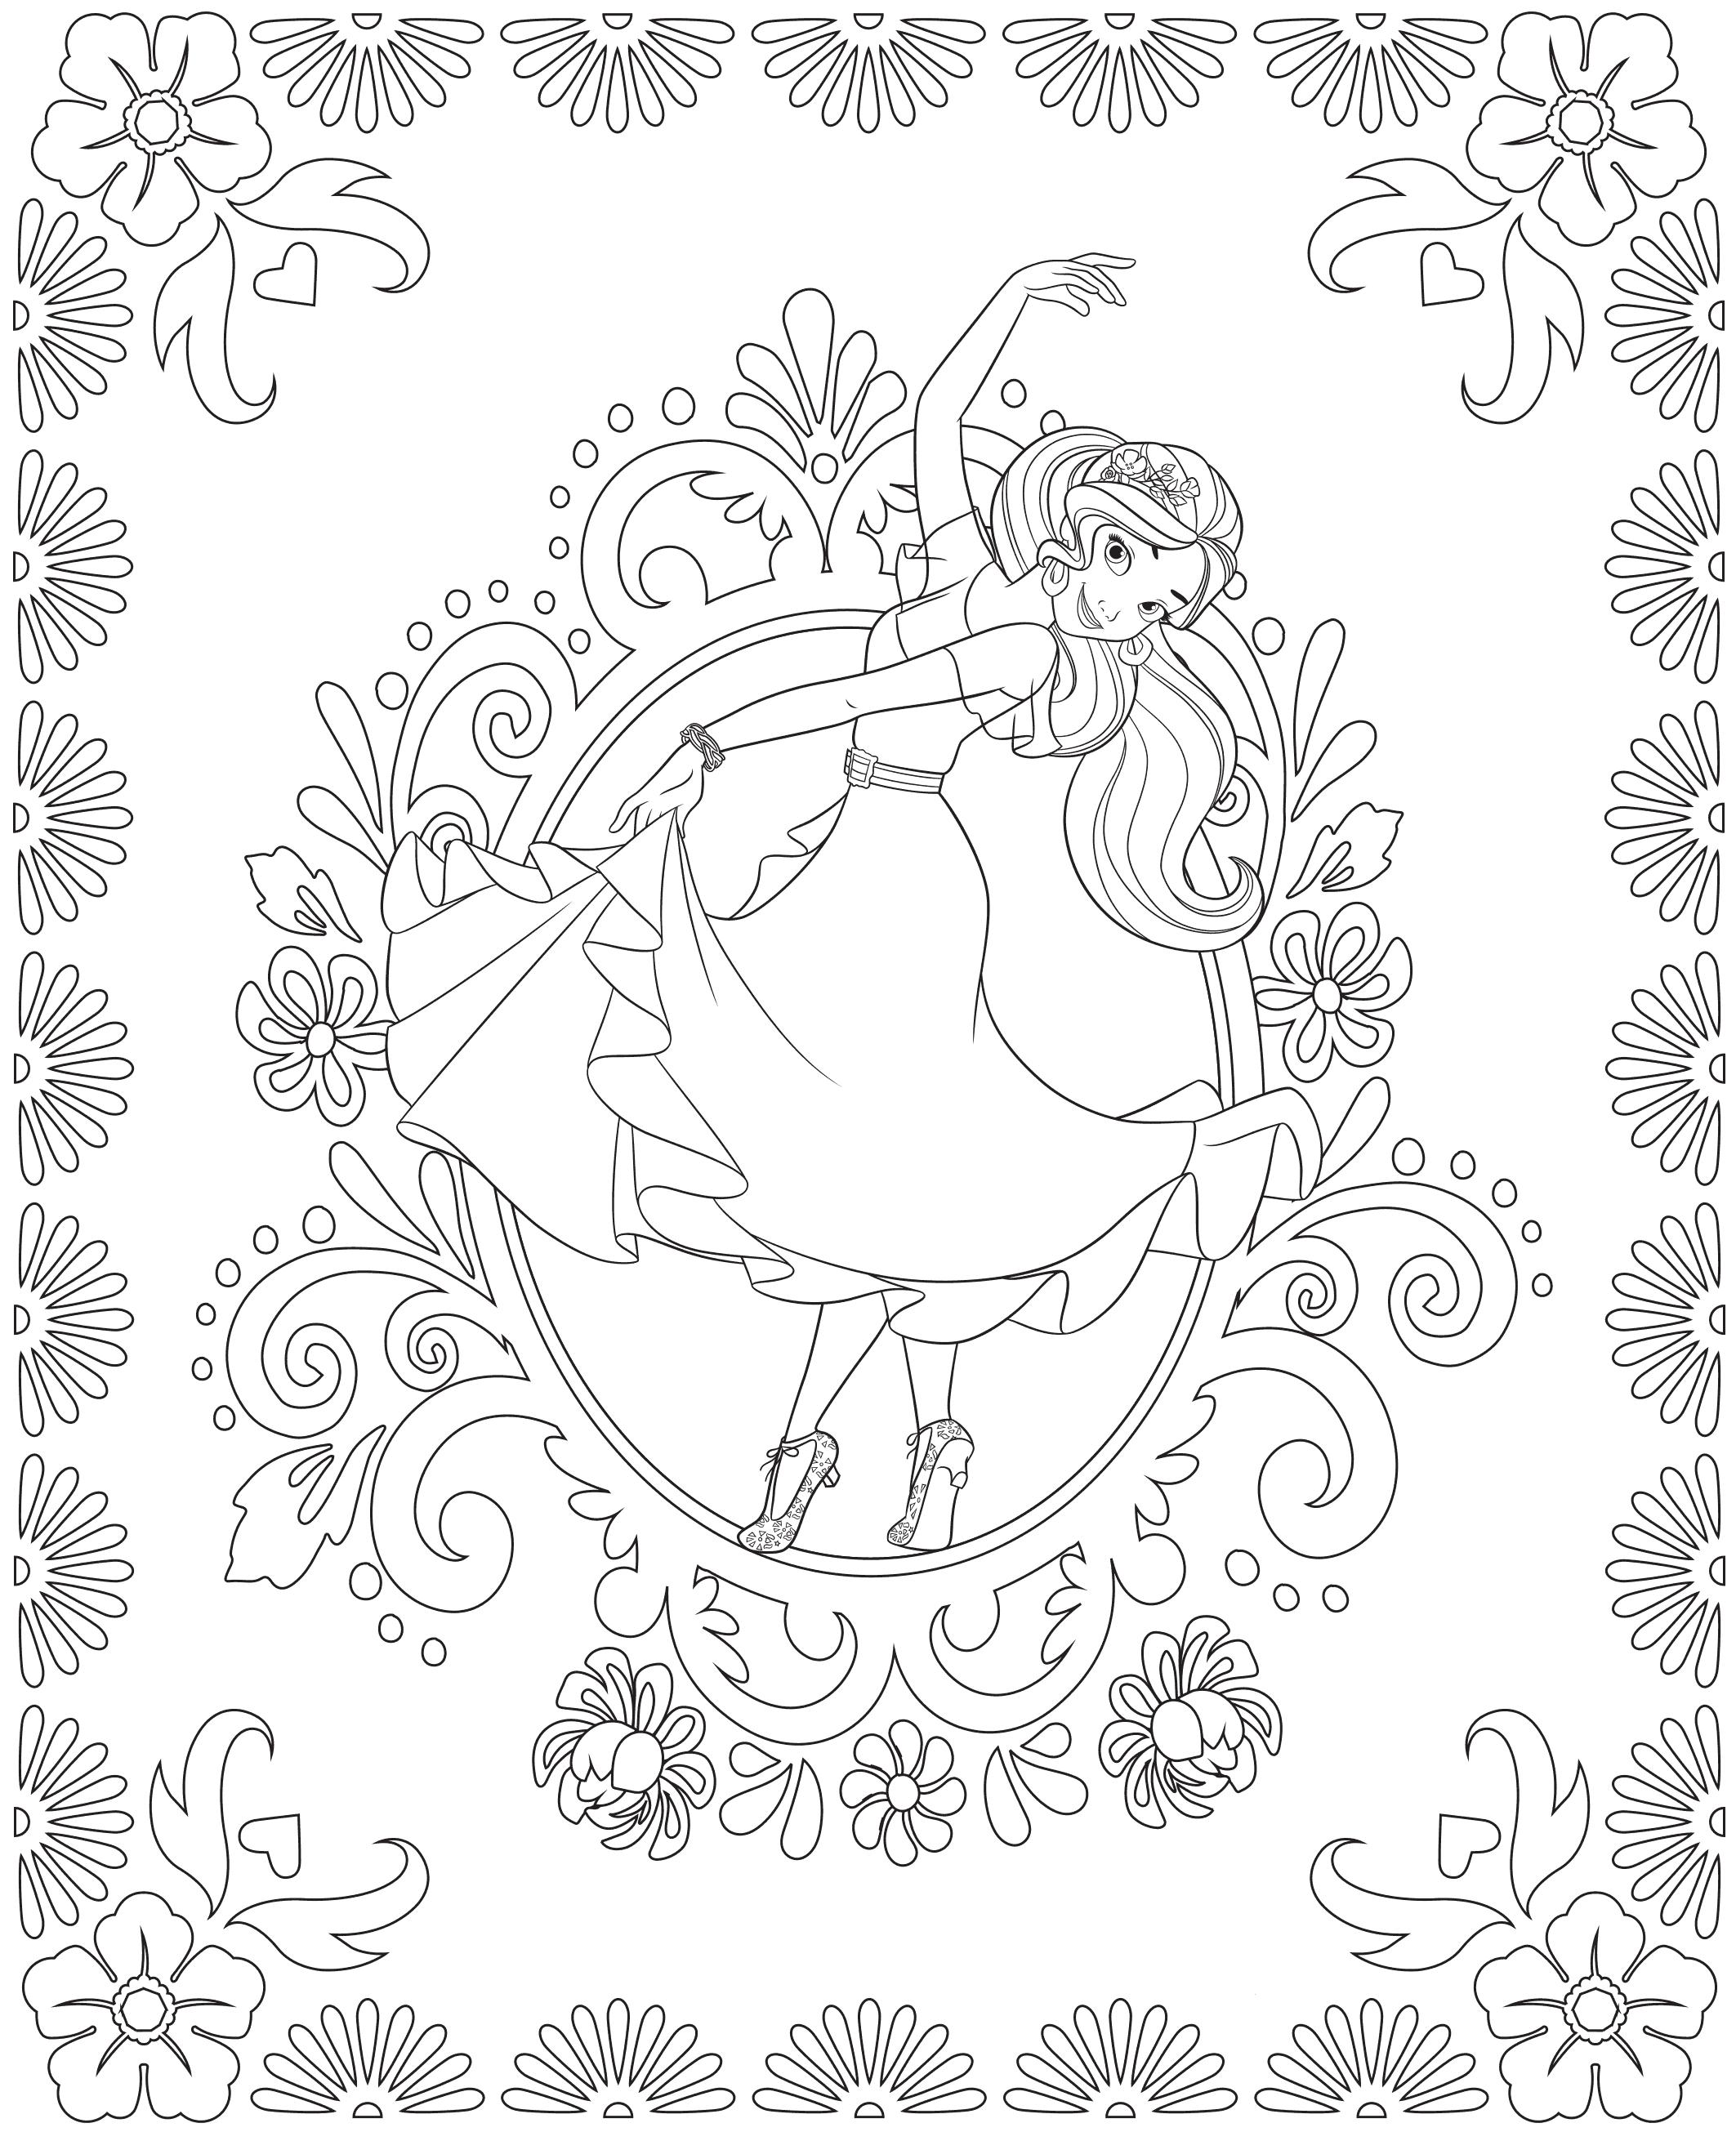 Раскраска для девочек Елена принцесса Авалора - Раскраски ...